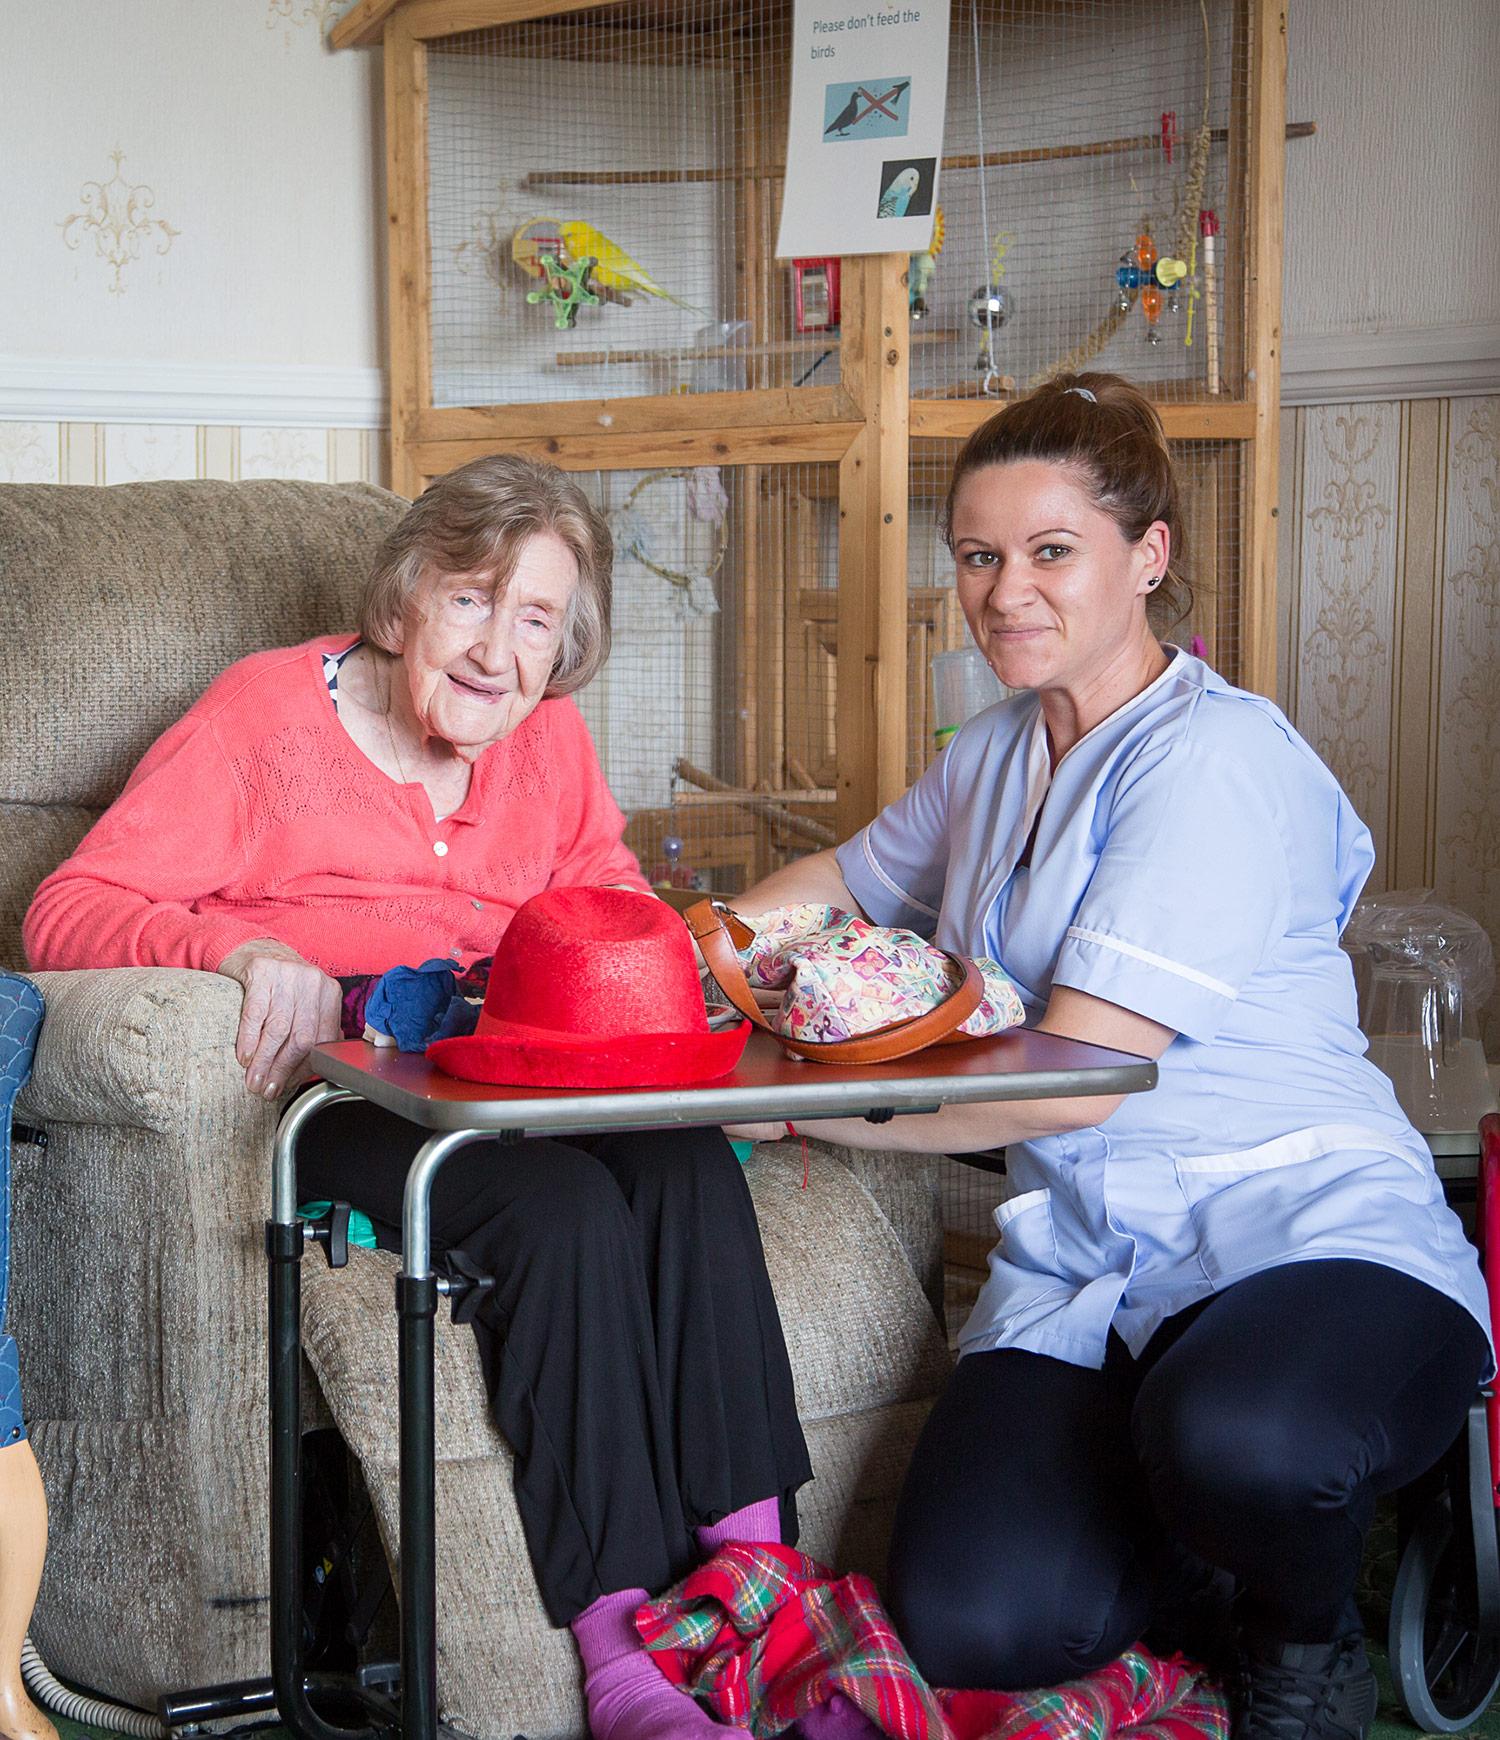 Holywell_Park_Nursing_Home_Sevenoaks_People_032_0840.jpg